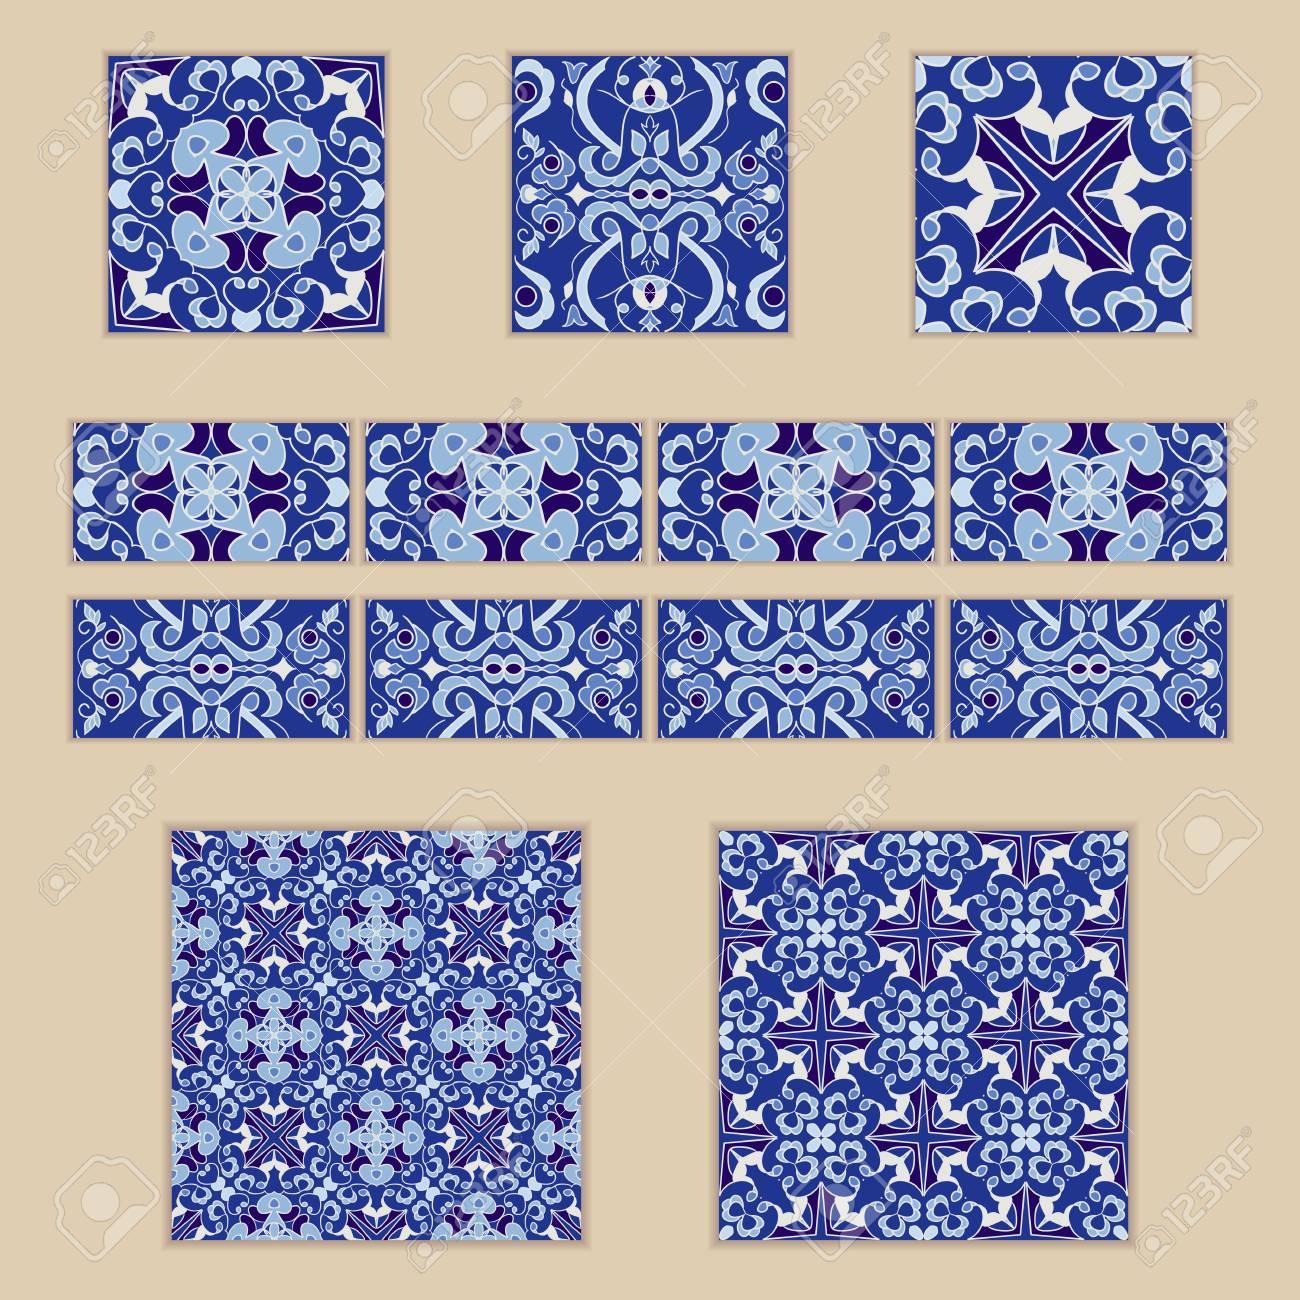 Hochwertig Standard Bild   Vektorsatz Portugiesische Fliesen Und Grenzen. Sammlung Von  Farbigen Mustern Für Design Und Mode. Spanische, Marokkanische, Türkische  ...